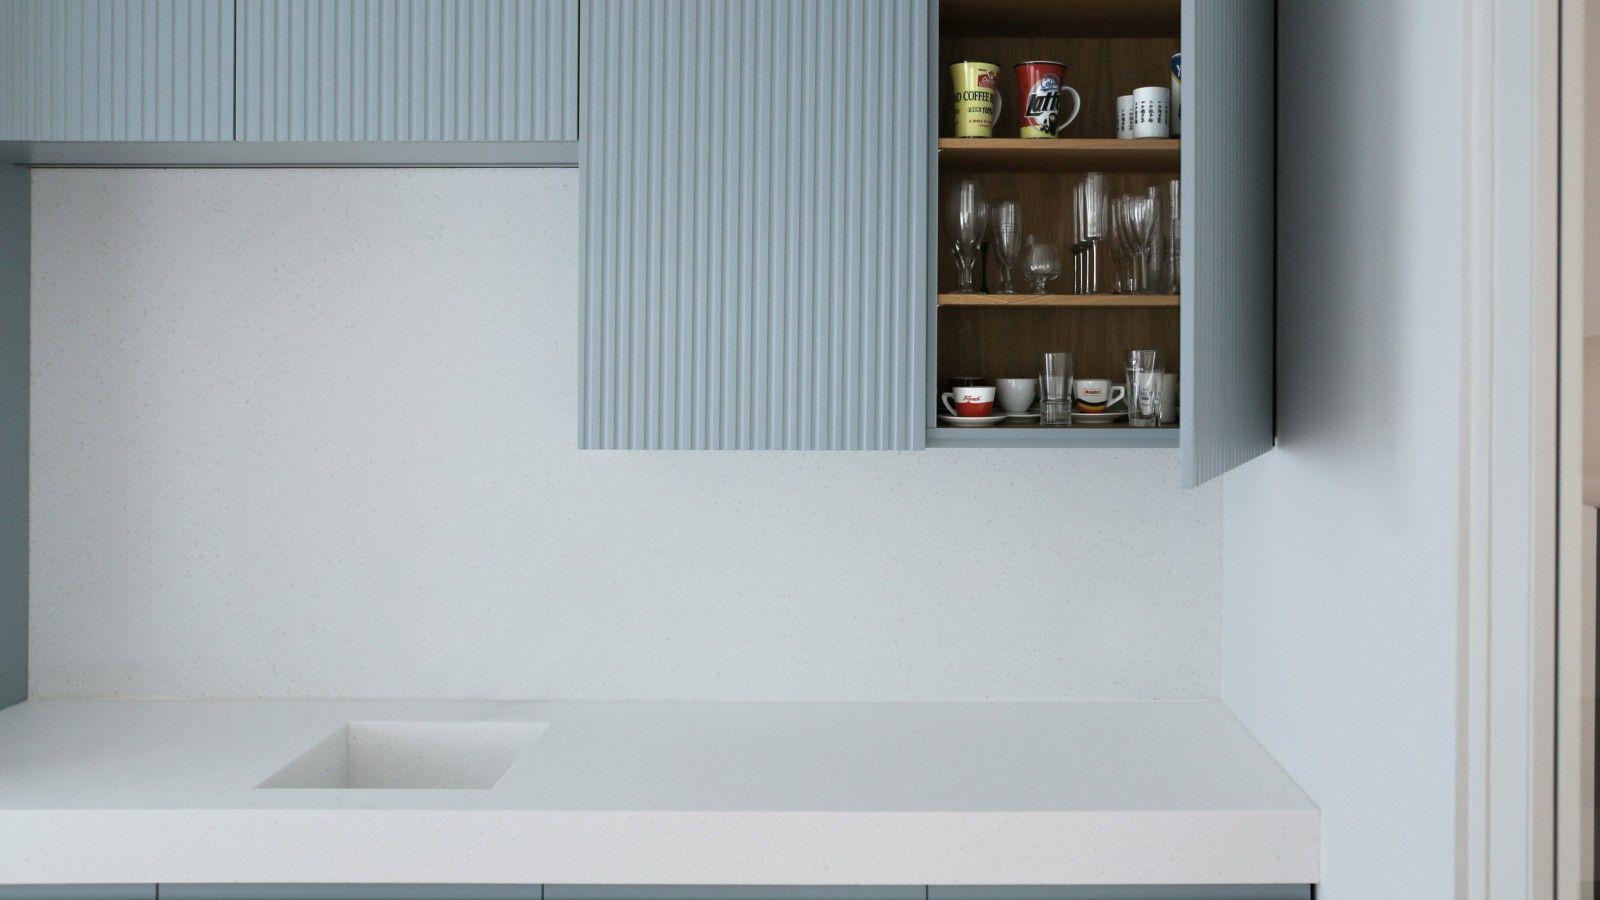 Blau Lackierte Fronten Weisse Corian Arbeitsplatte Luxuskuchen Kuchen Layouts Einbaukuche